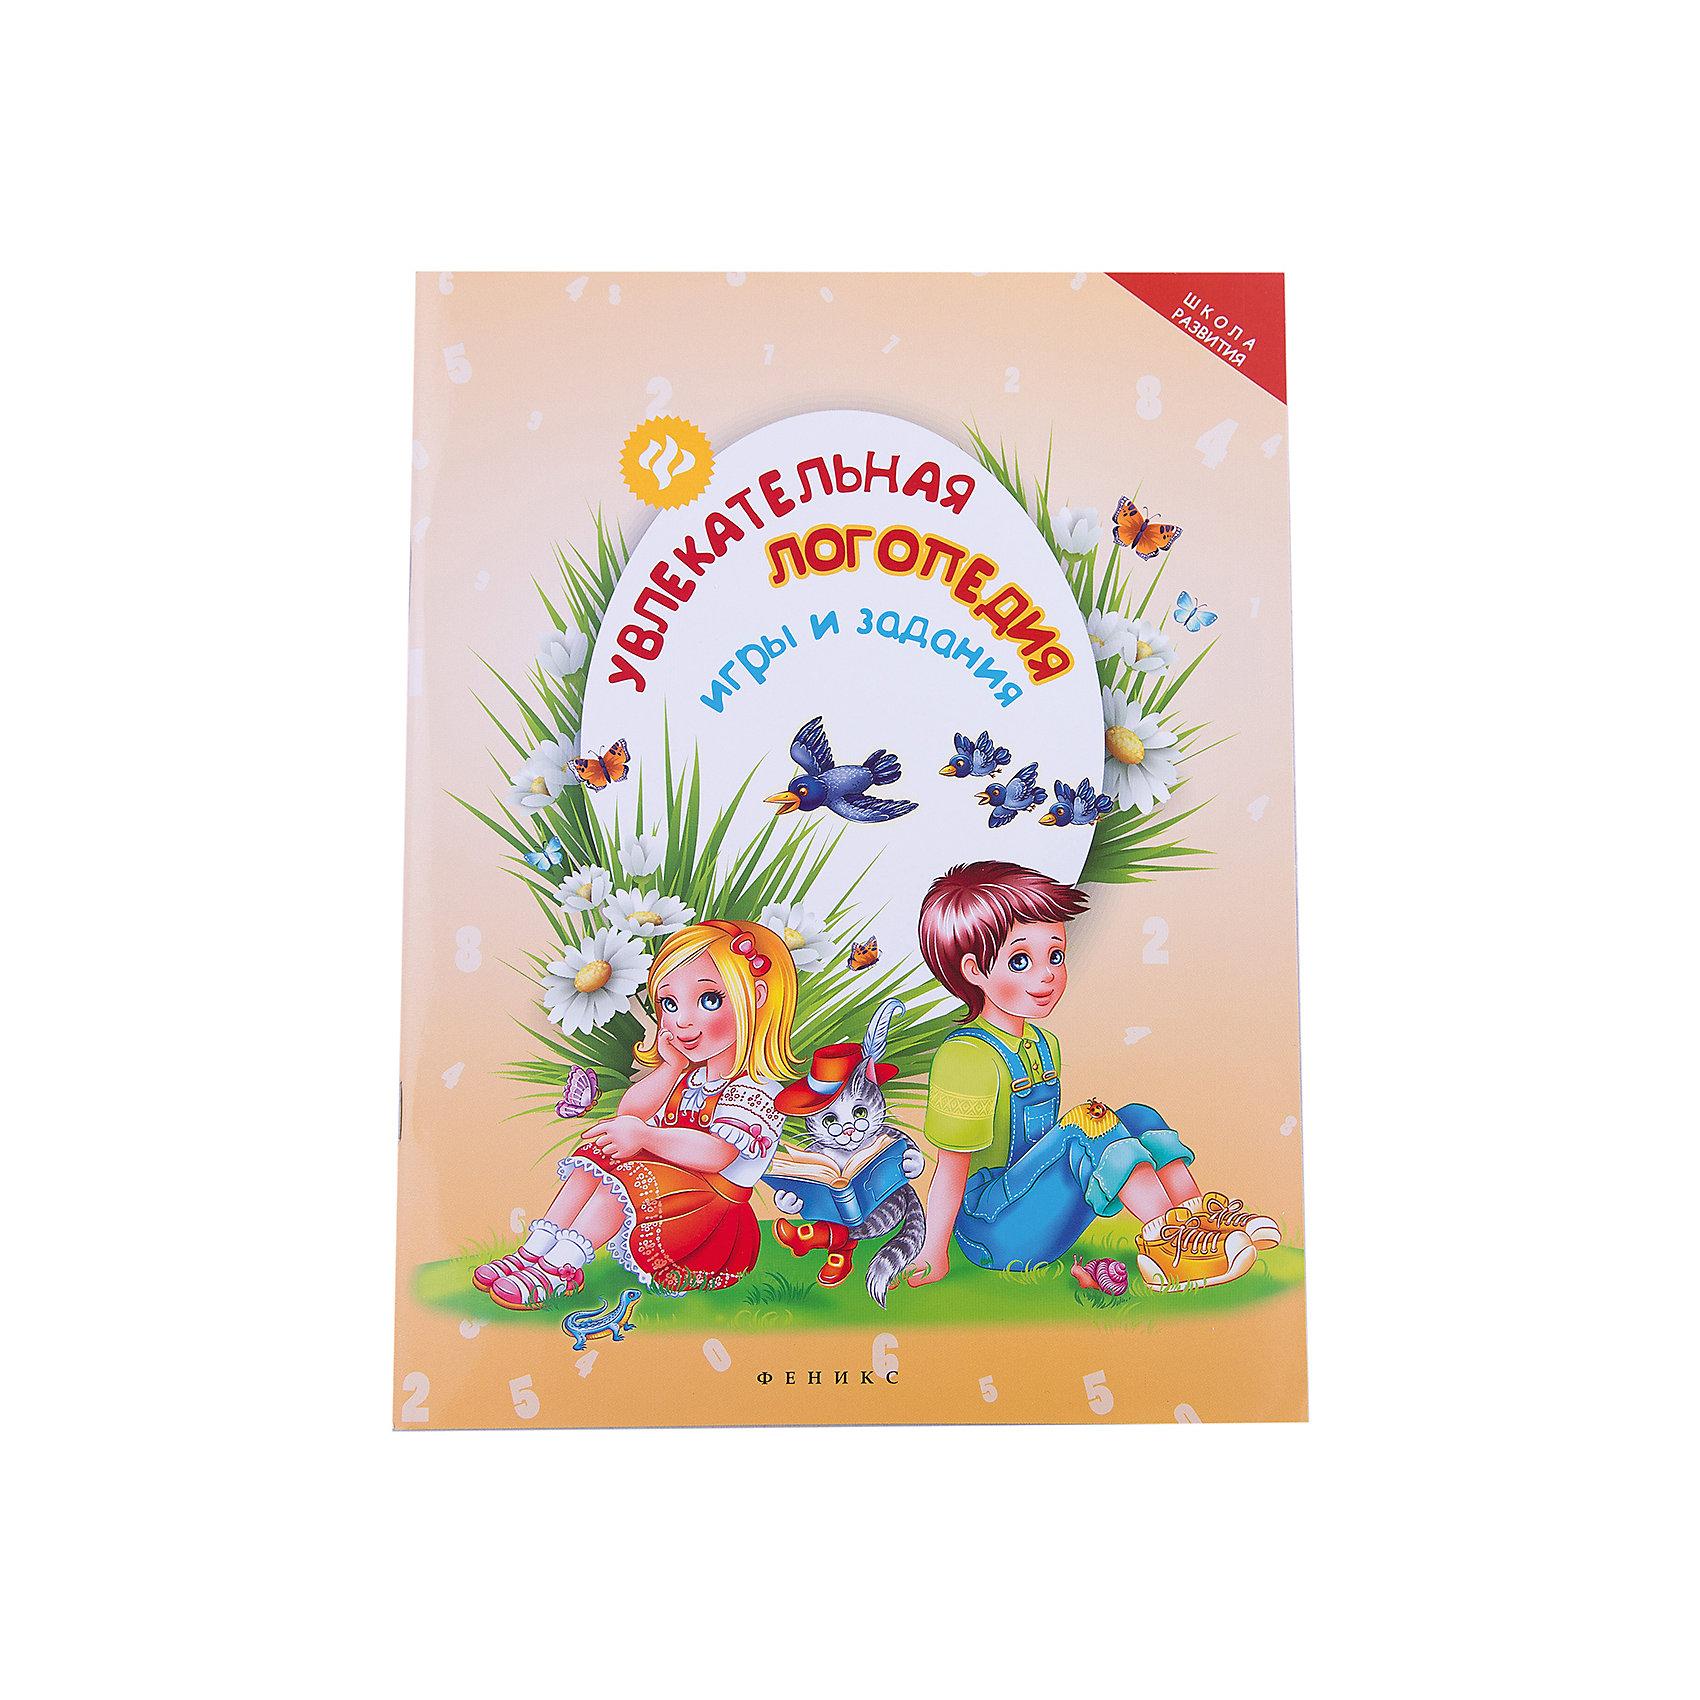 Увлекательная логопедия: игры и заданияКниги для развития речи<br>Наша книжка поможет ребенку освоить звуки русского языка. В издании малыши и взрослые найдут веселые игры и задания, серьёзные советы и забавные чистоговорки, скороговорки, потешки, загадки и многое другое. Раздел «Поем гласные звуки» настроит малыша на<br><br>Ширина мм: 260<br>Глубина мм: 200<br>Высота мм: 5<br>Вес г: 194<br>Возраст от месяцев: 12<br>Возраст до месяцев: 72<br>Пол: Унисекс<br>Возраст: Детский<br>SKU: 5120115